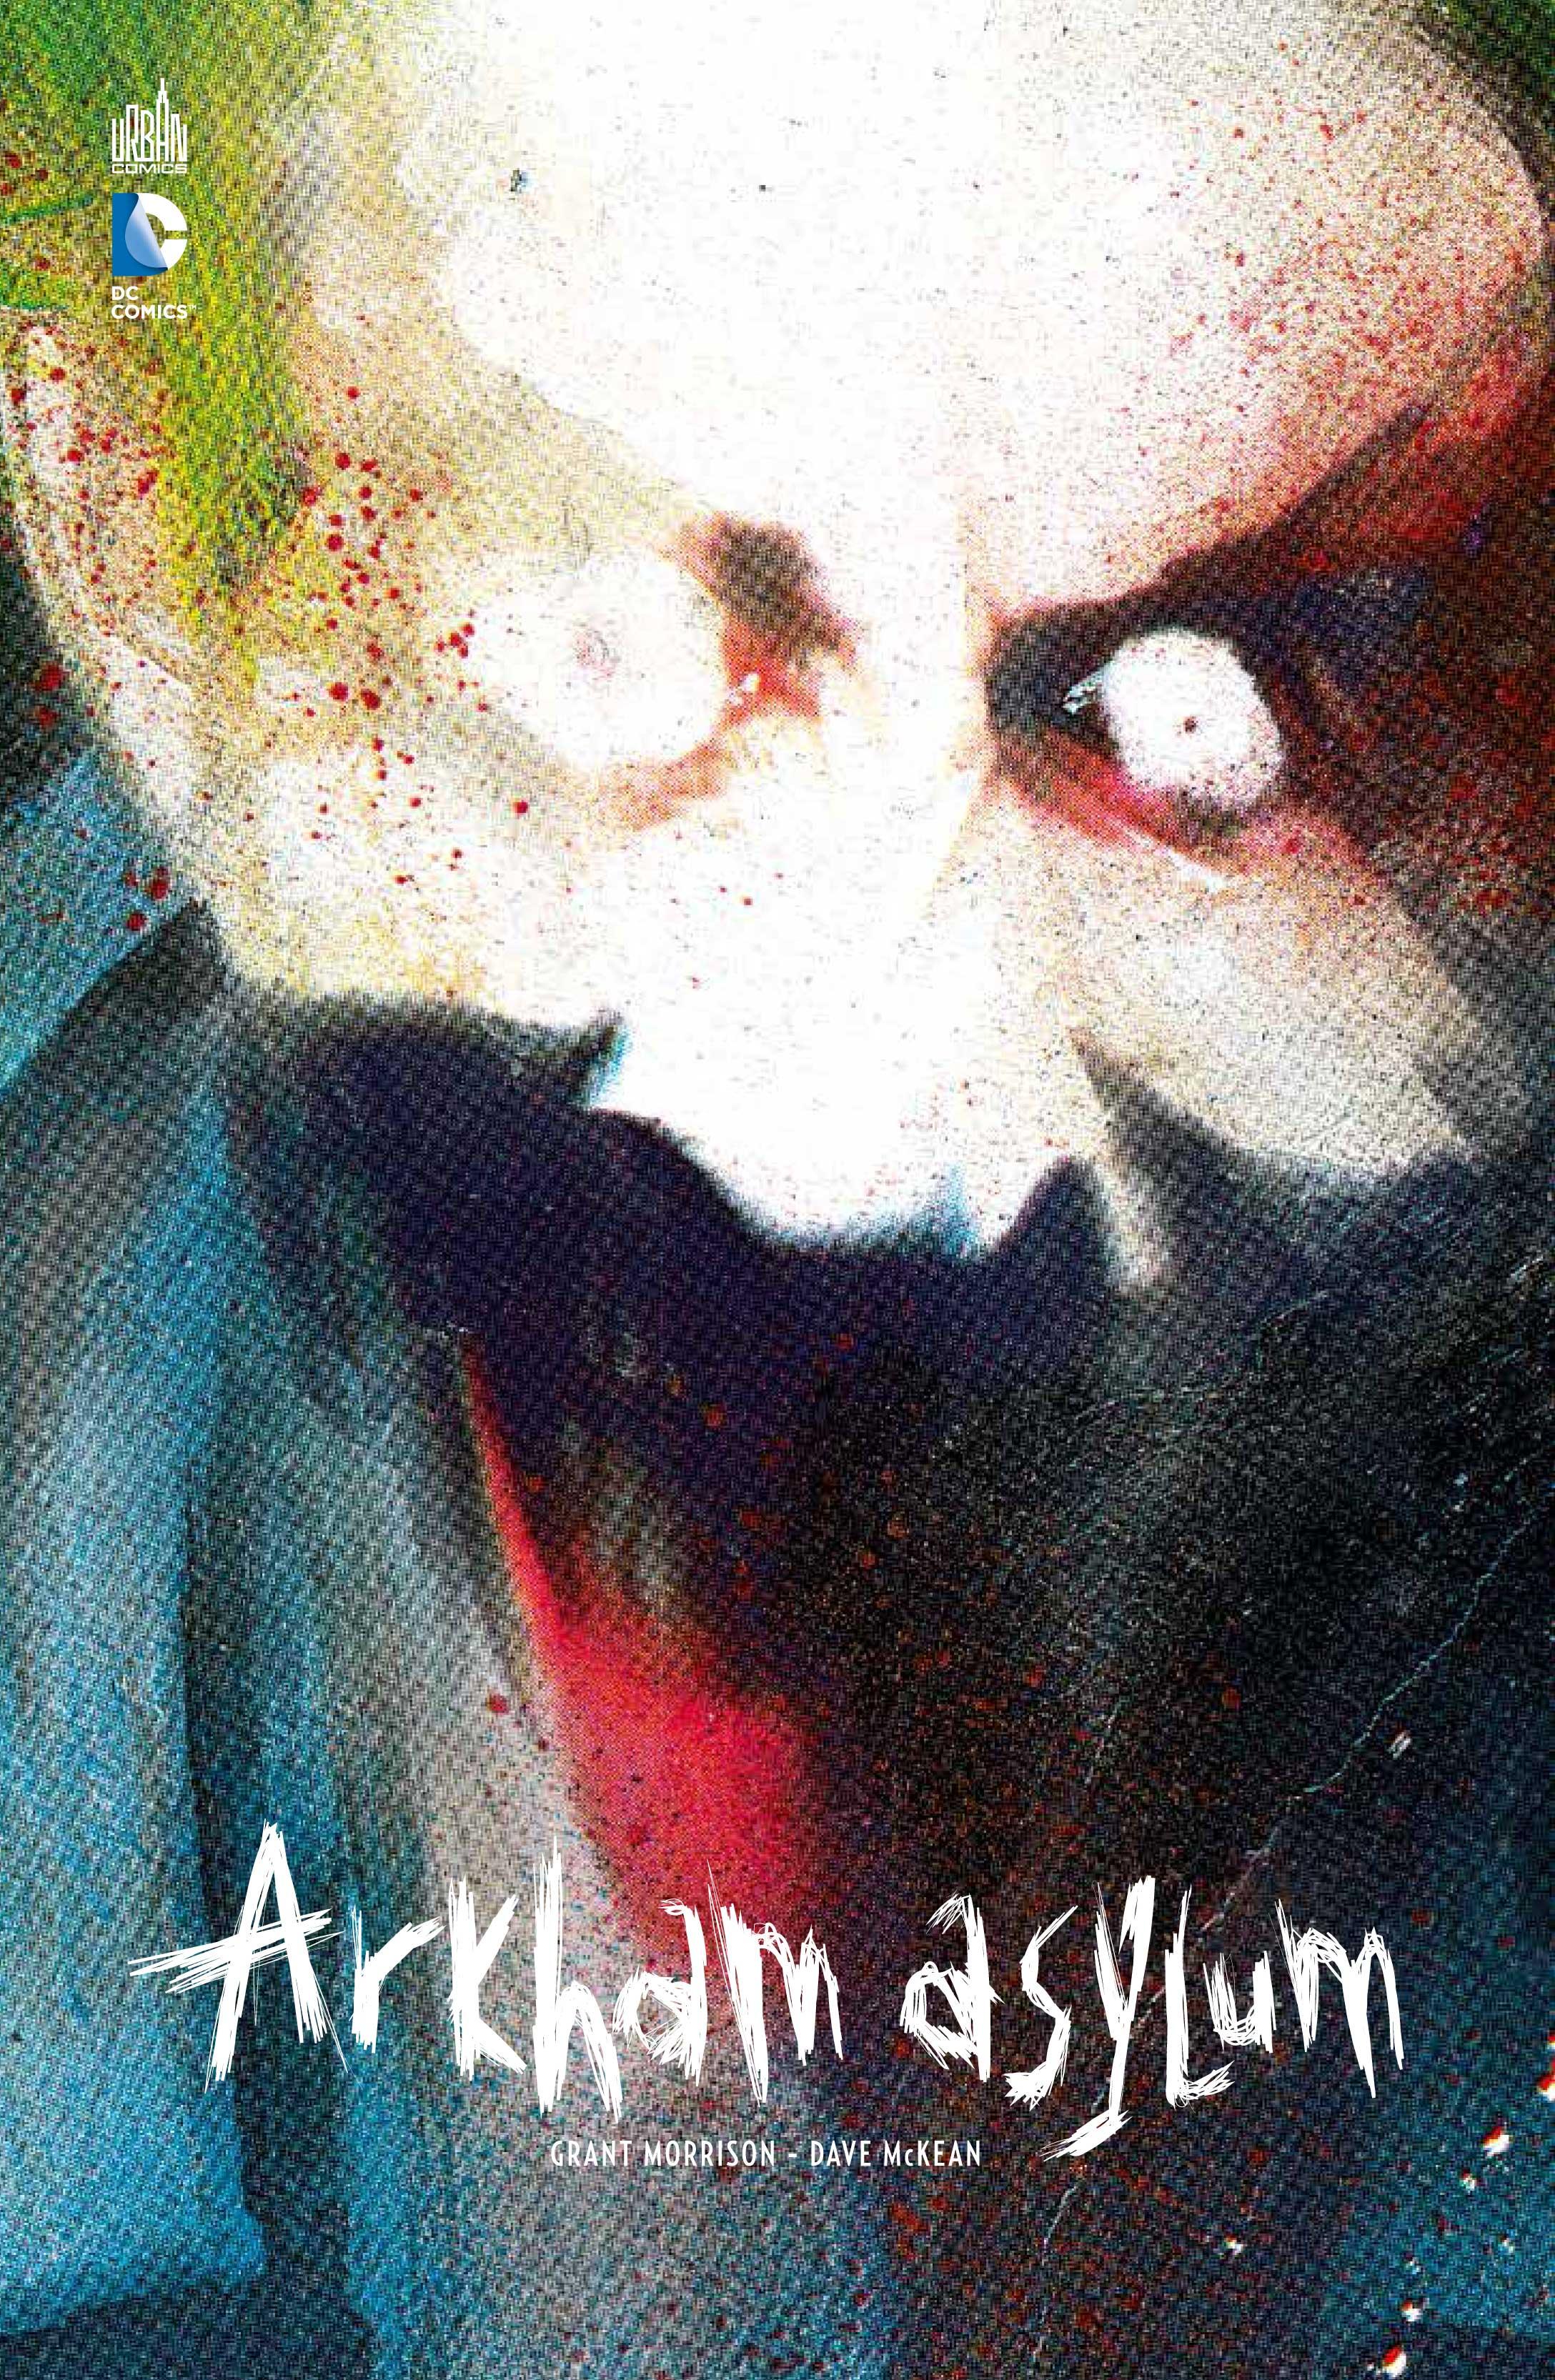 Batman - L'Asile d'Arkham 1 - Arkham asylum